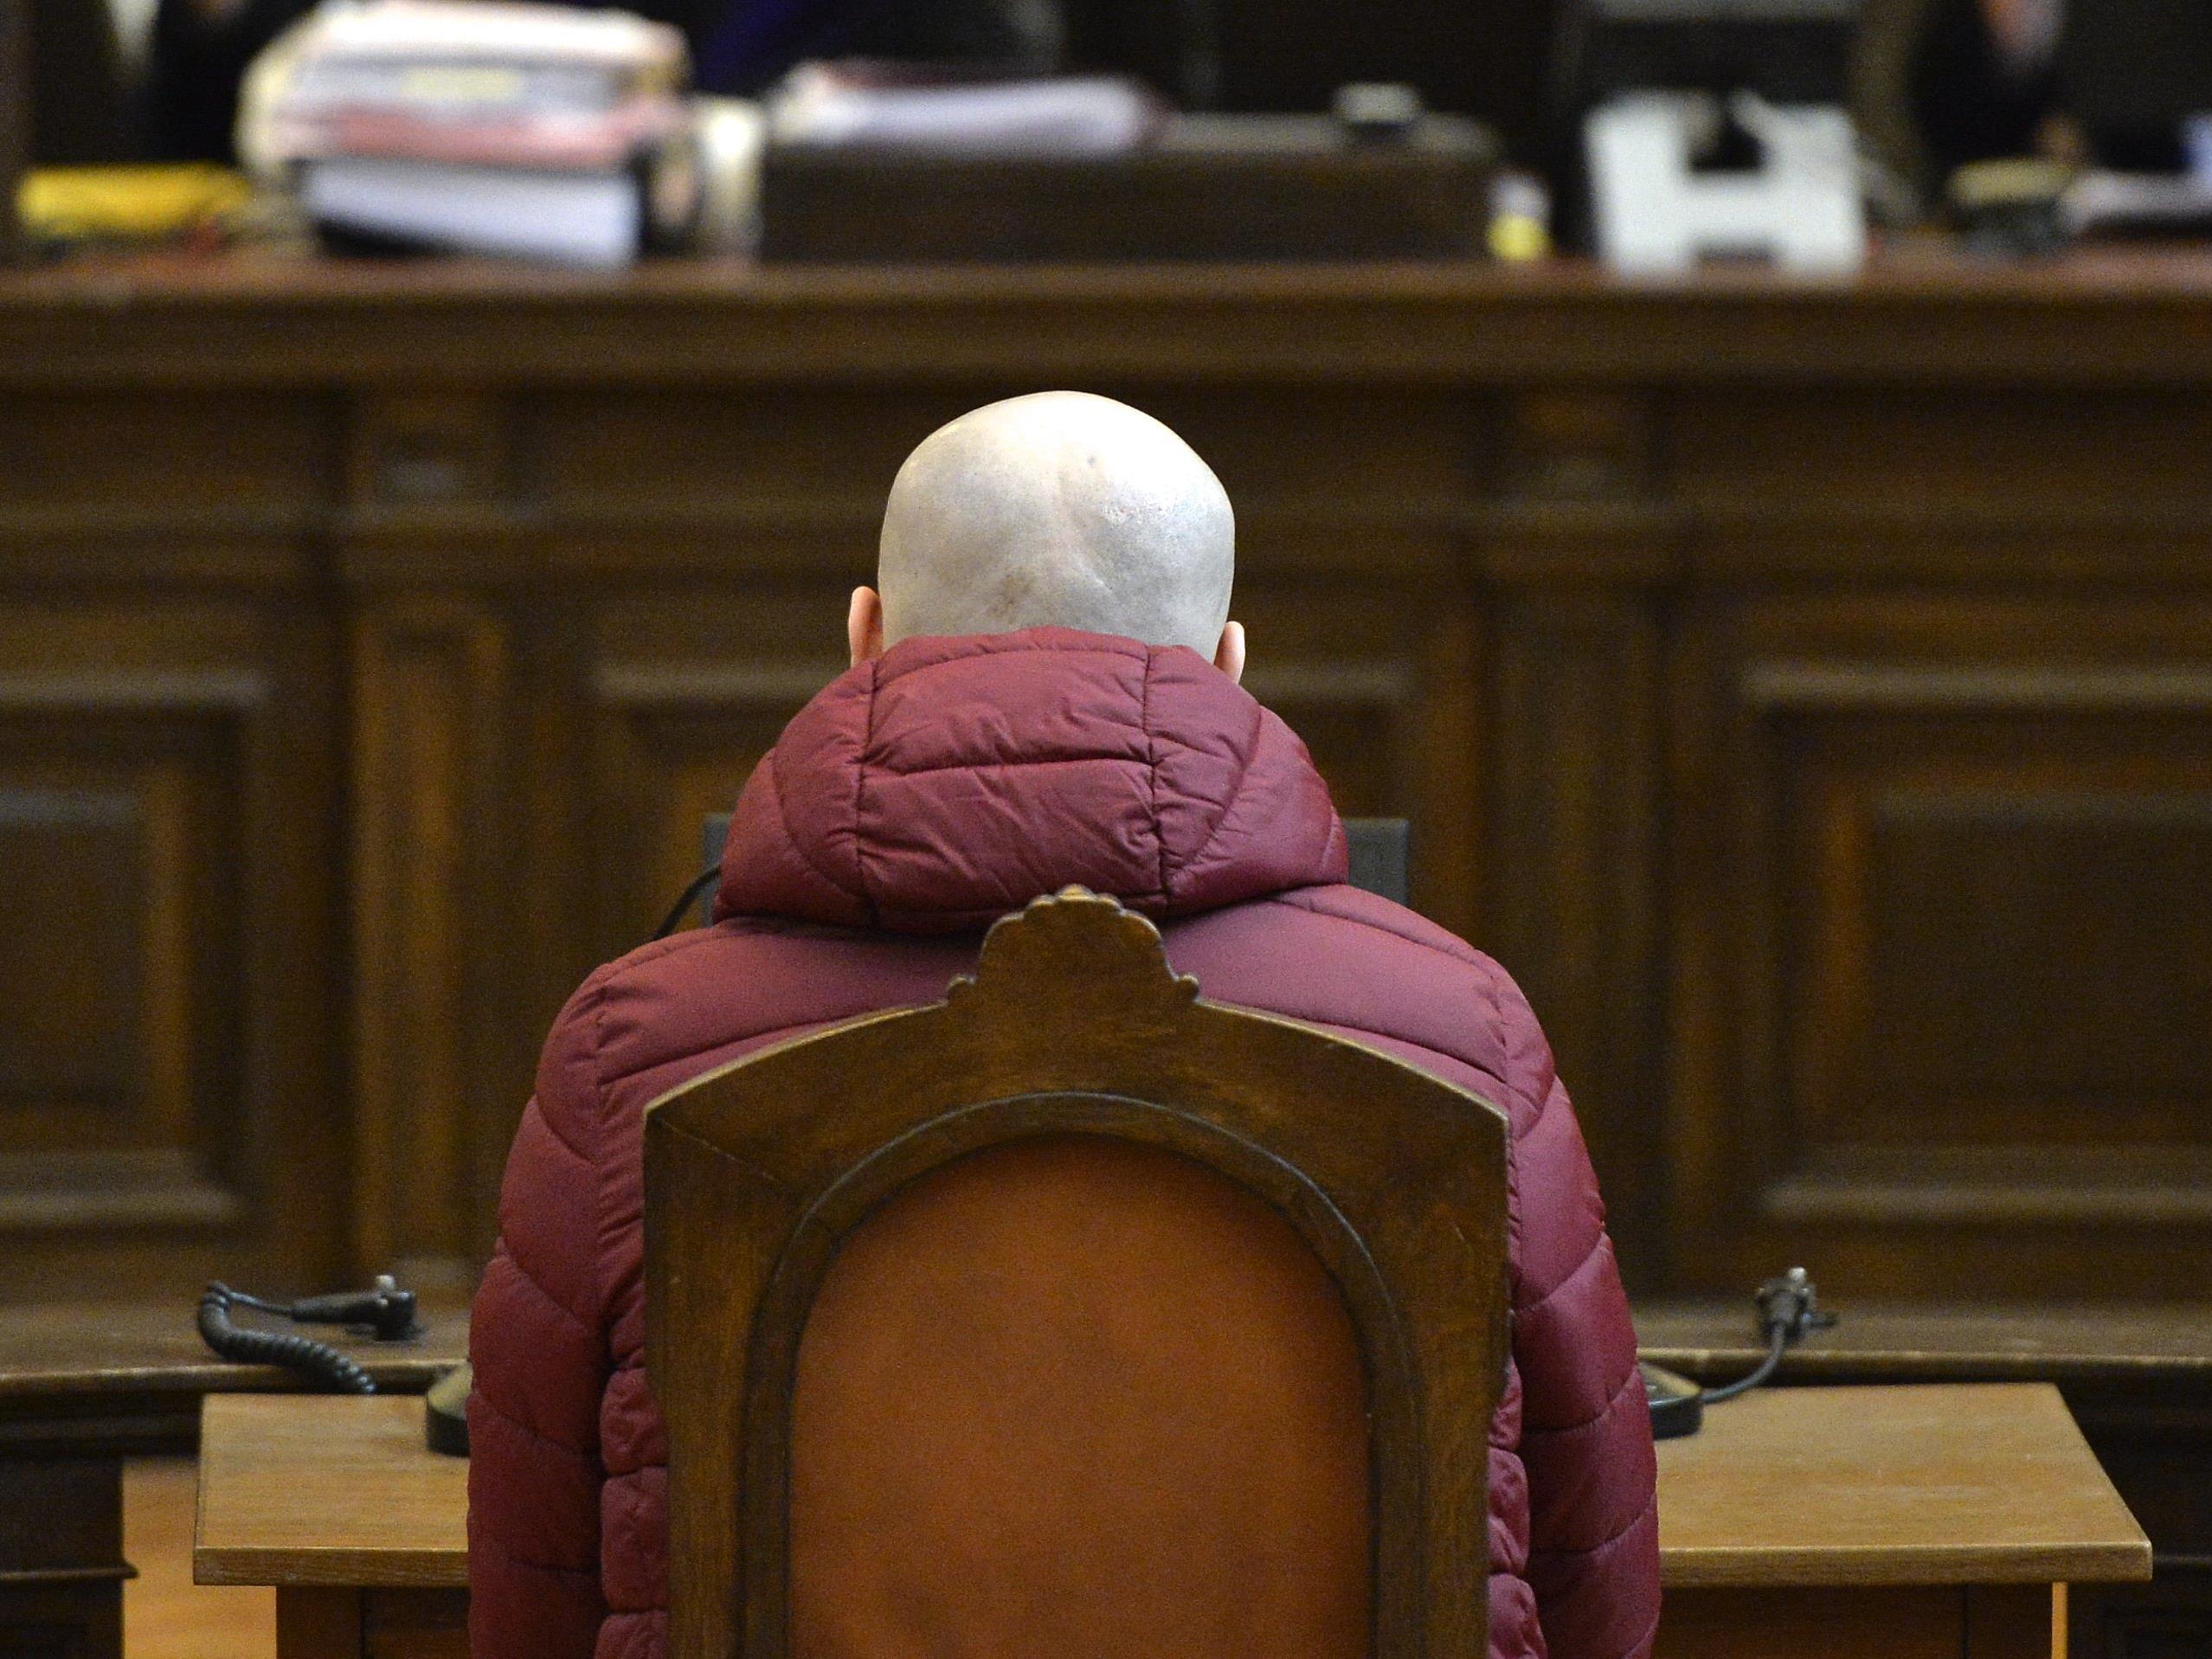 Der 23-Jährige wurde nach der Attacke mit einem Stanley-Messer zu 15 Jahren Haft verurteilt.